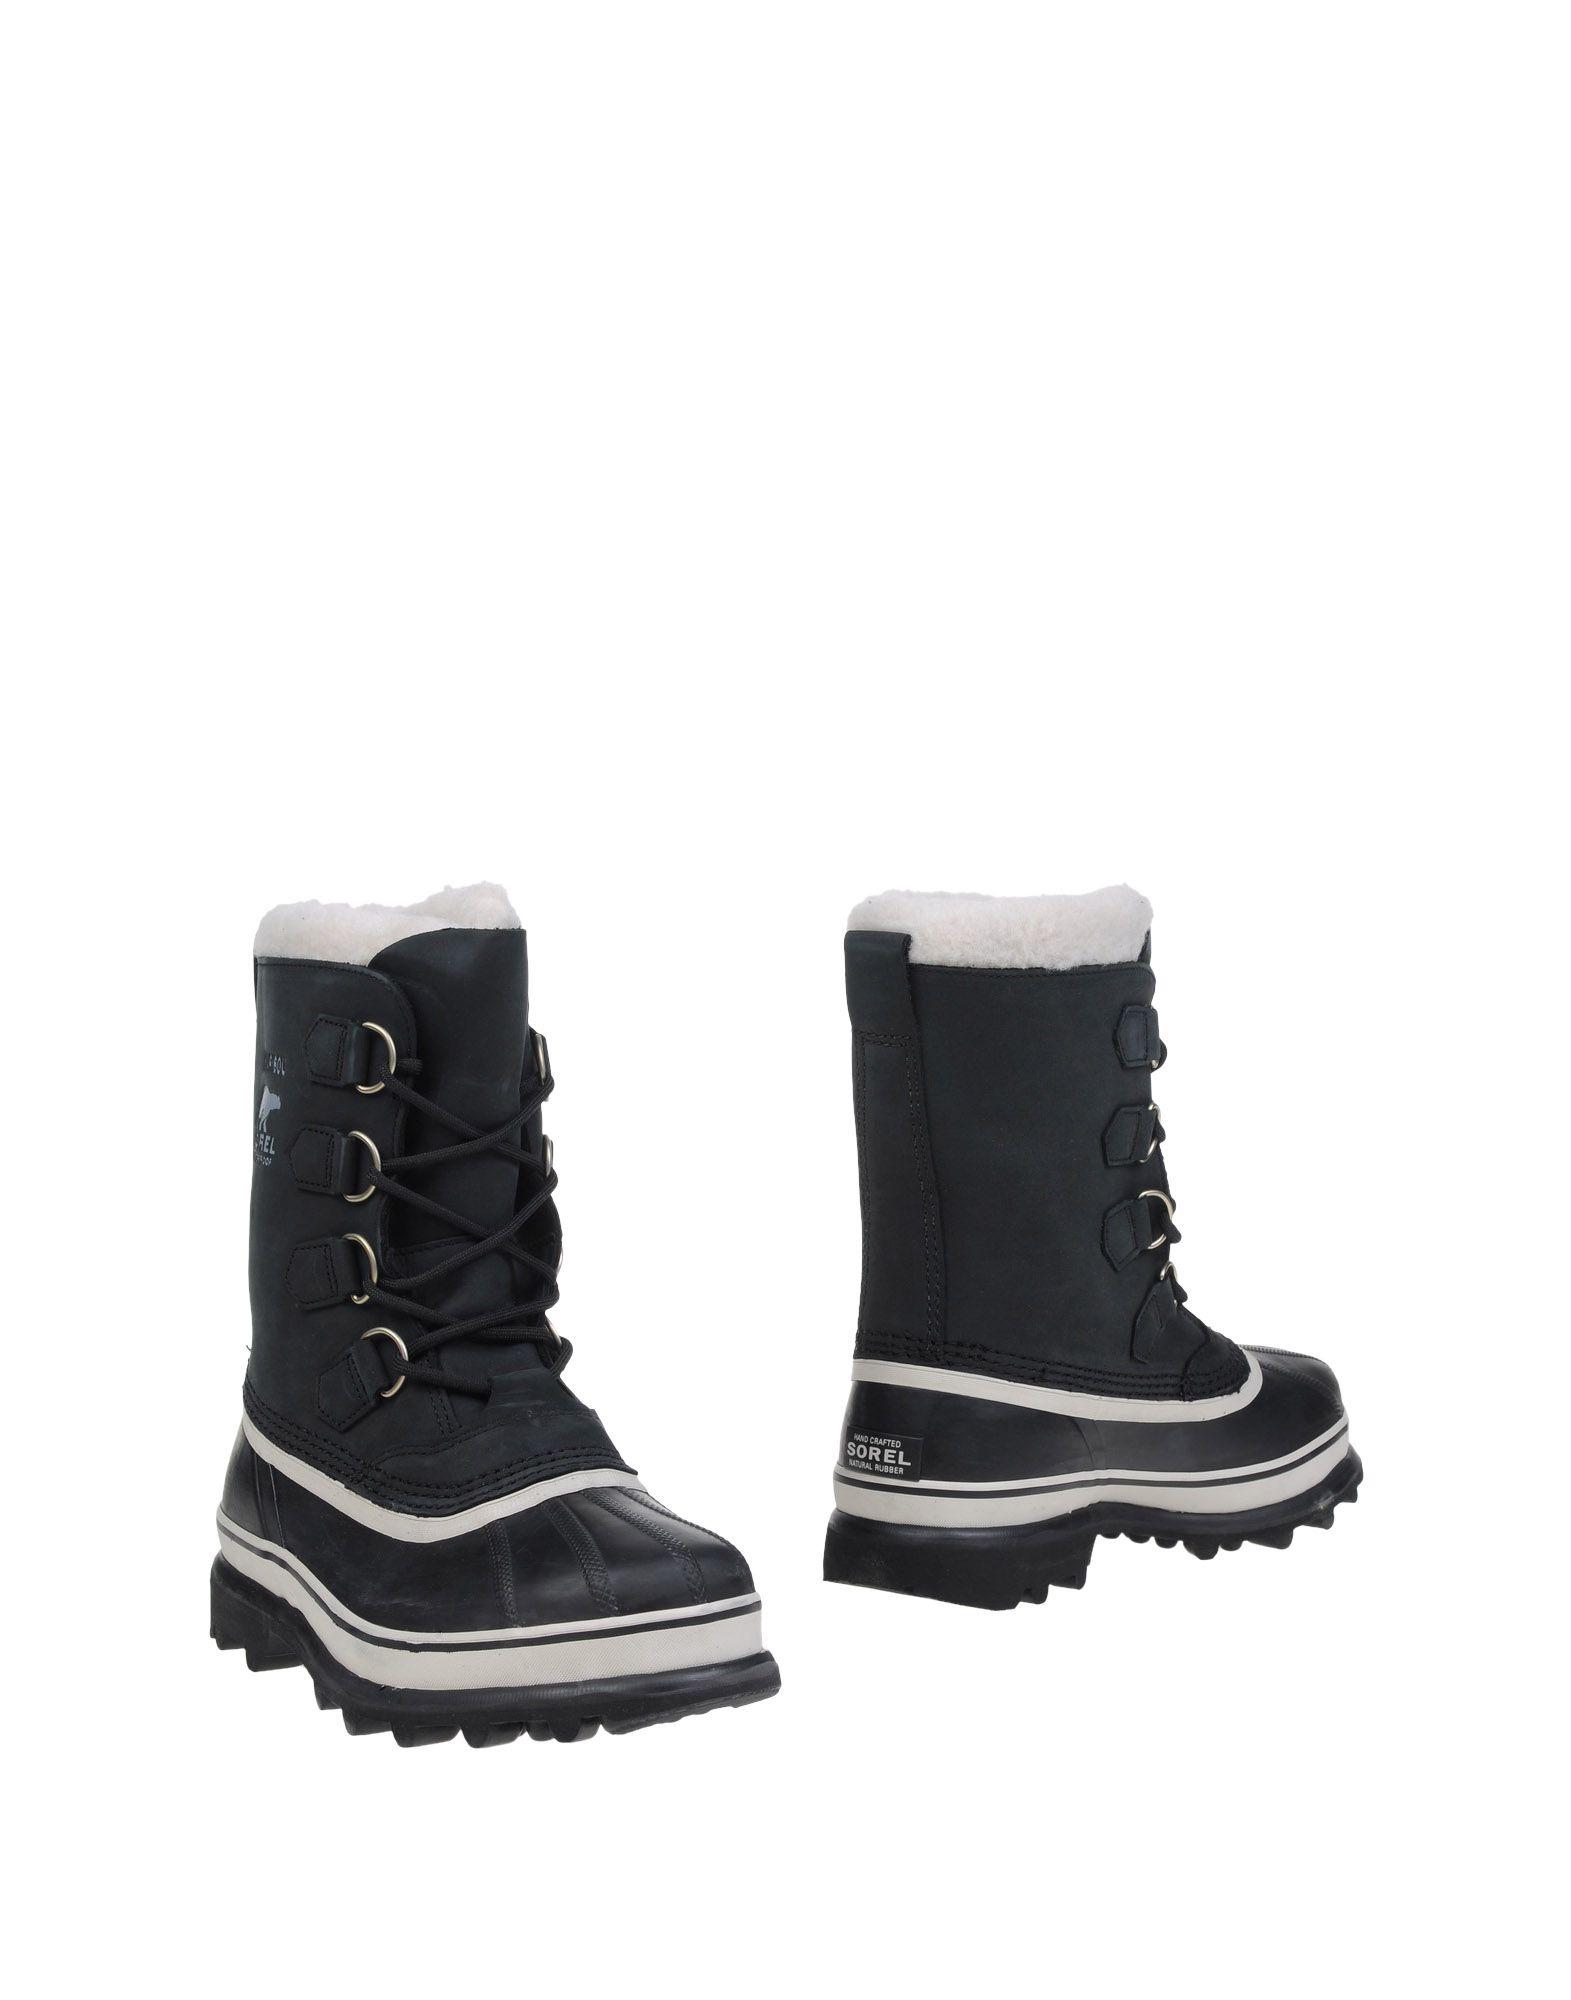 Stivaletti Sorel Glacy Explorer Shortie - Donna - Acquista online su